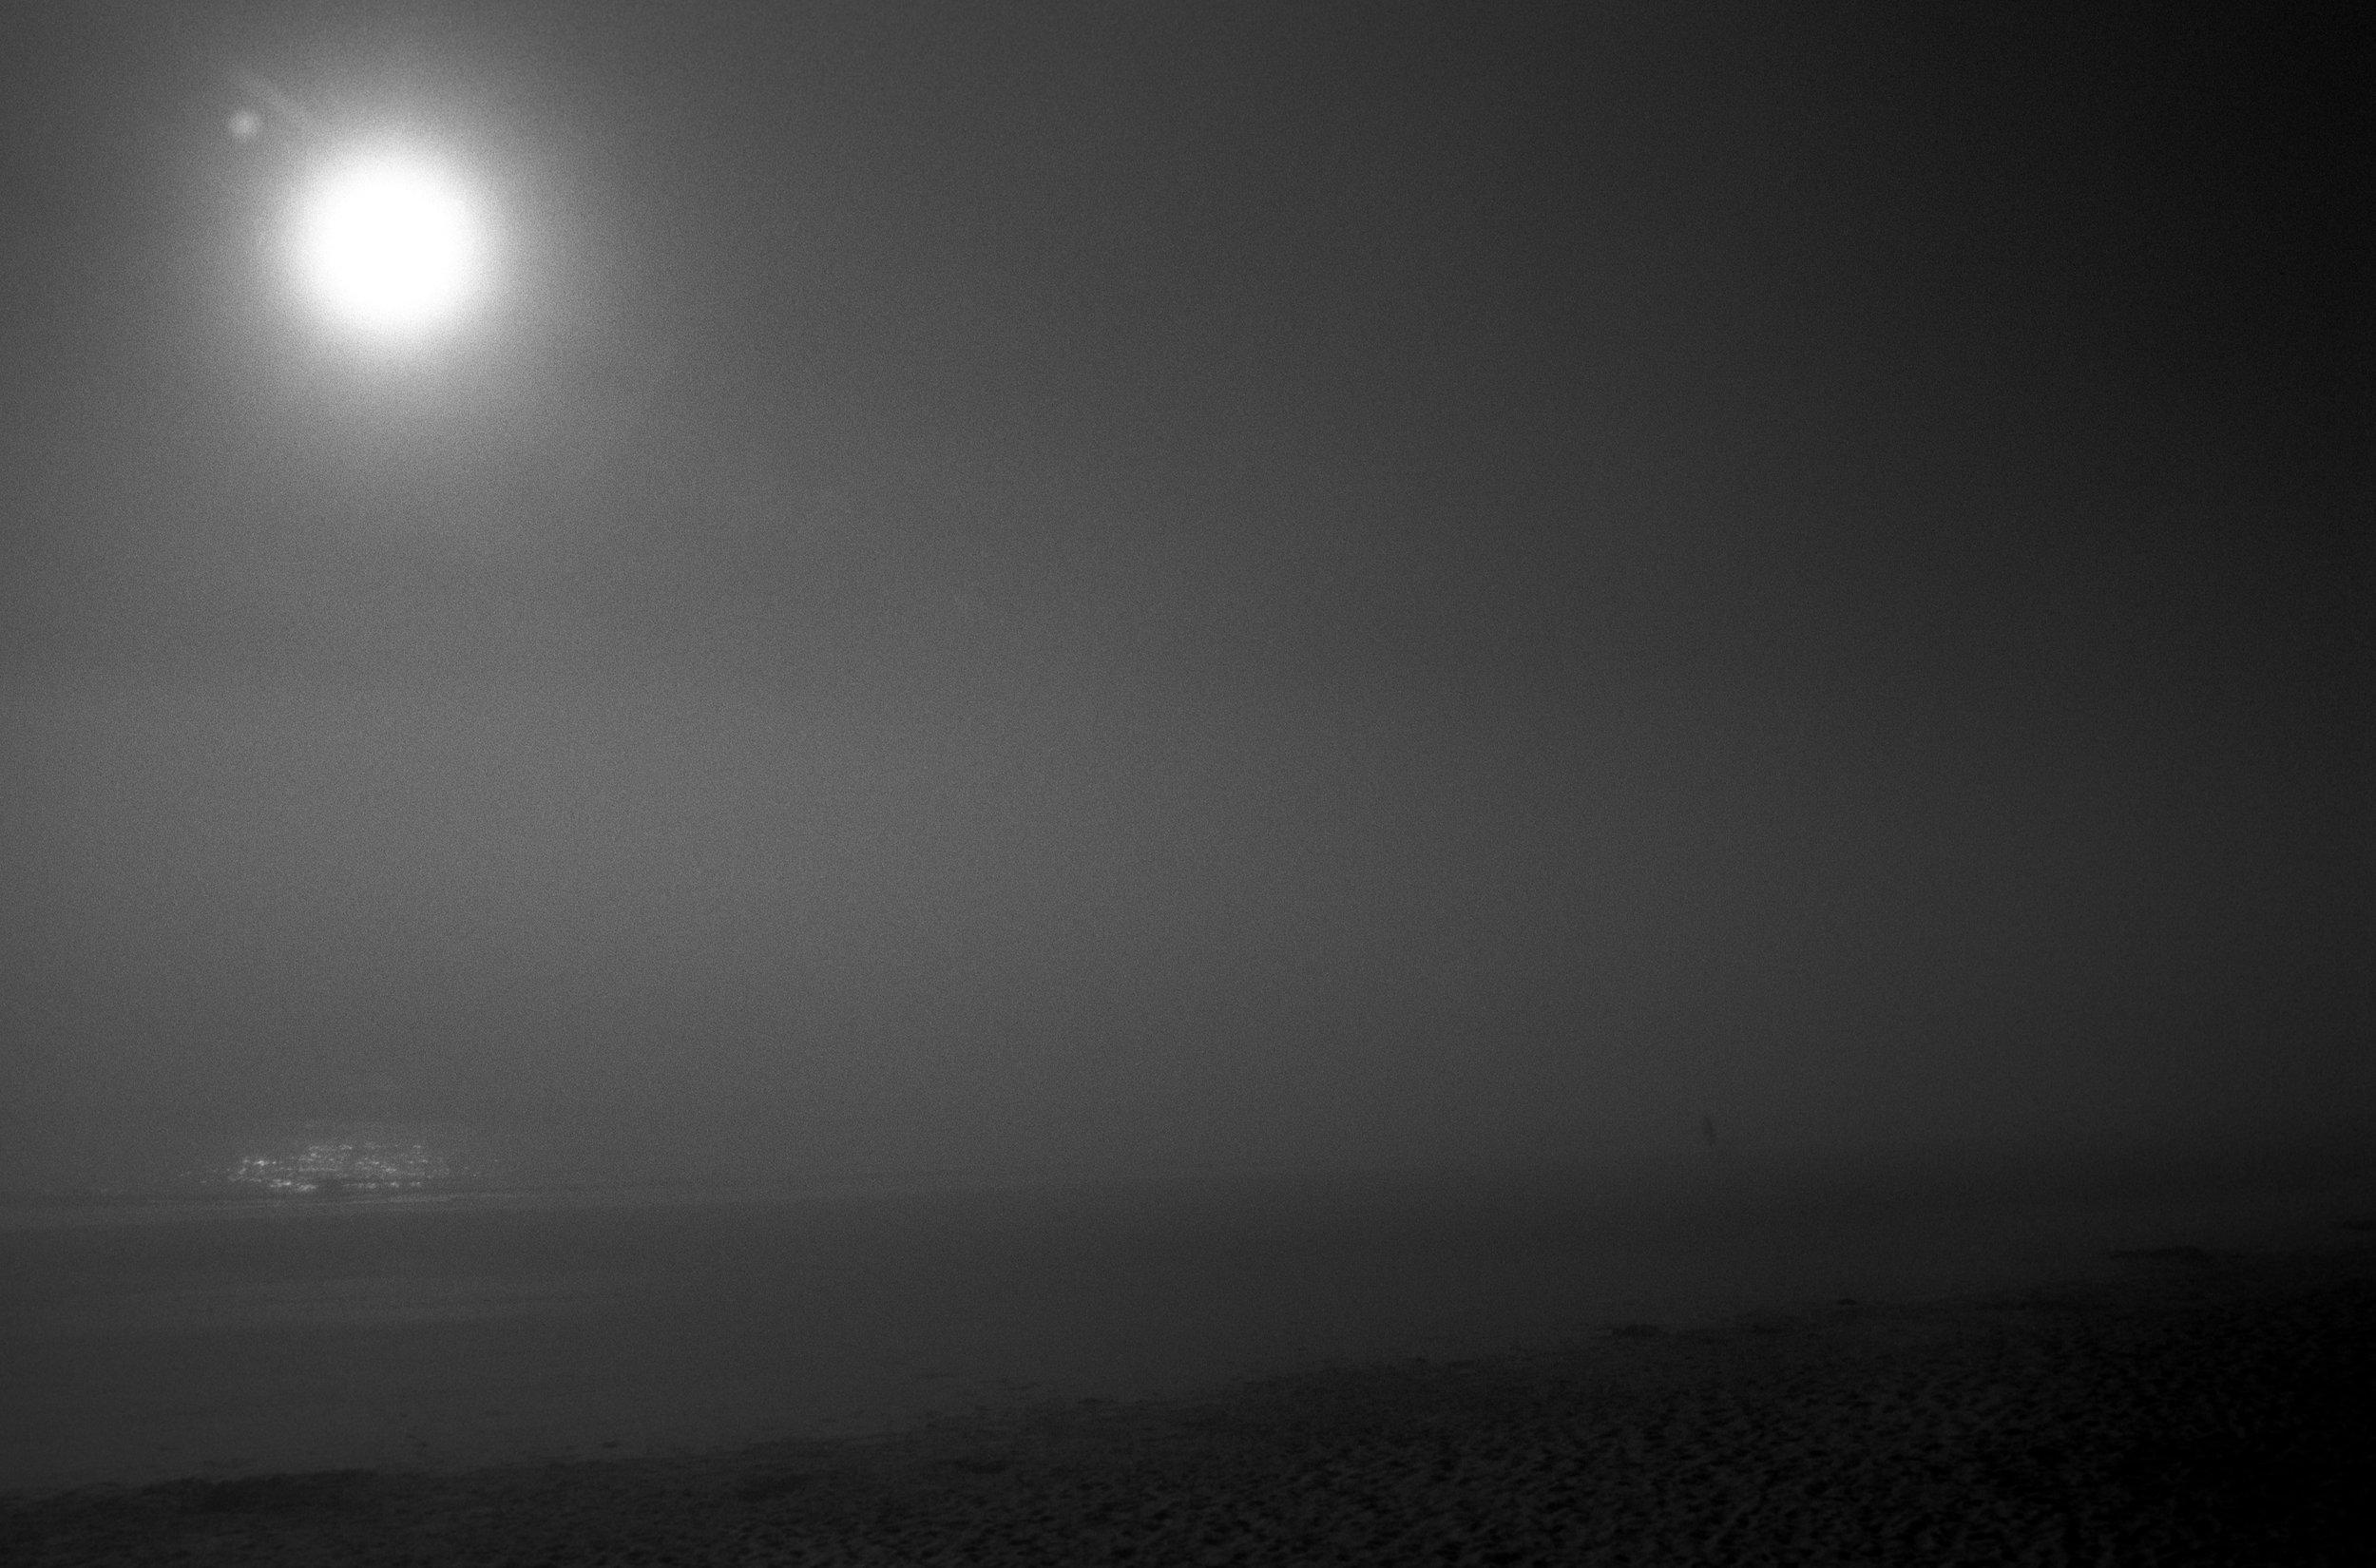 Beach-murk2_BW.jpg